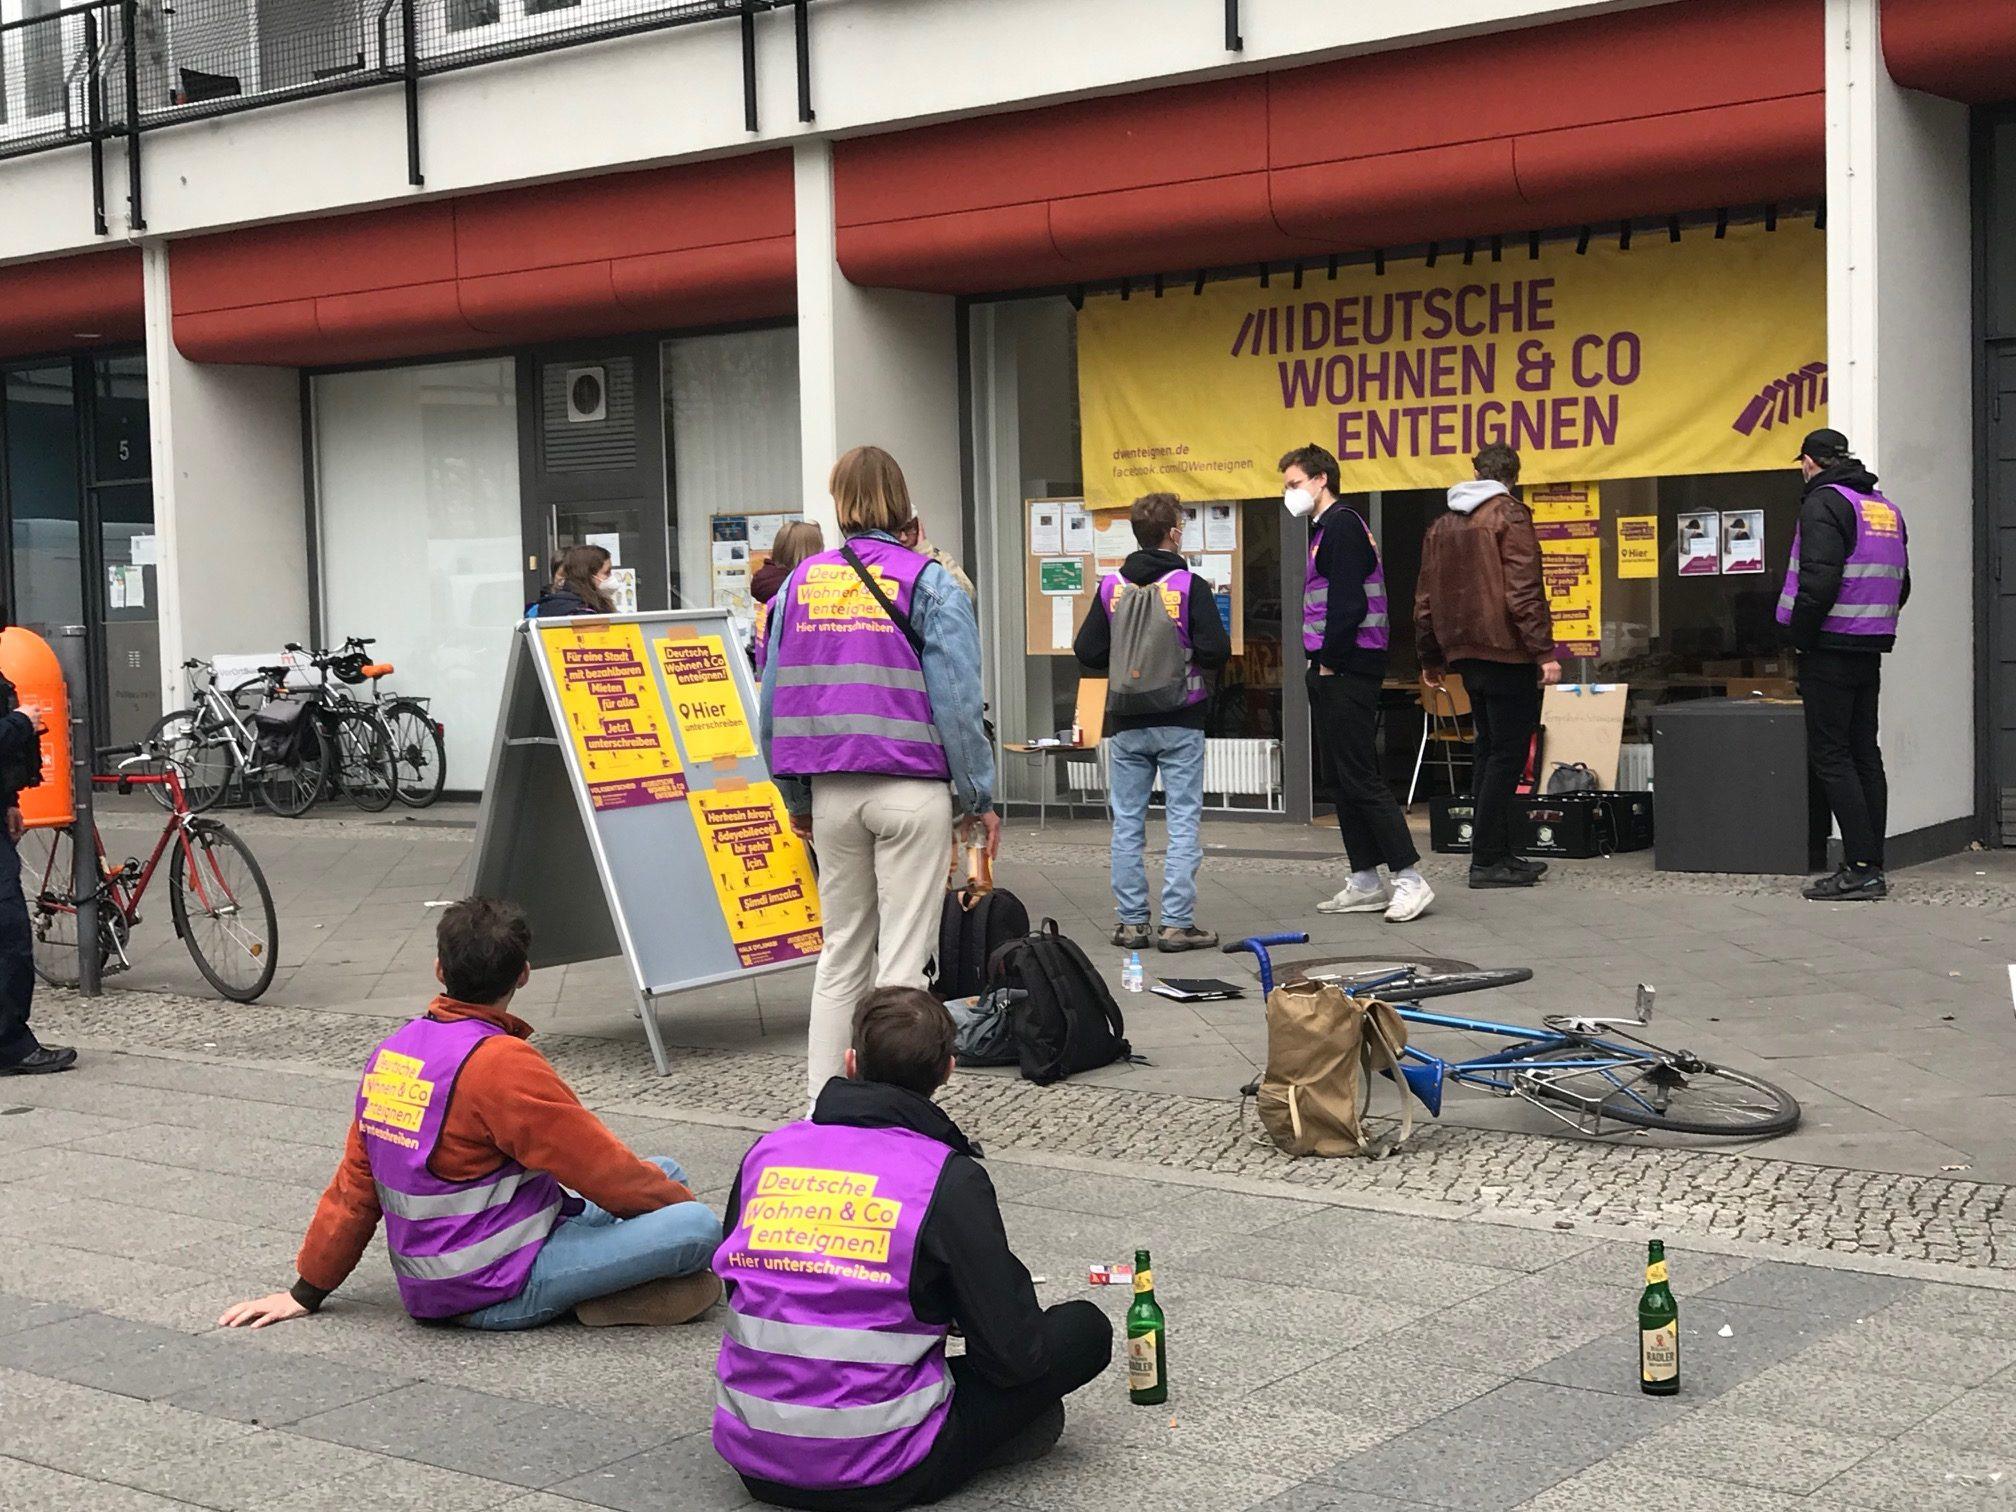 Deutsche Wohnen & Co. enteignen liegt zur Halbzeit auf dem Weg zum Volksbegehren über dem Soll.